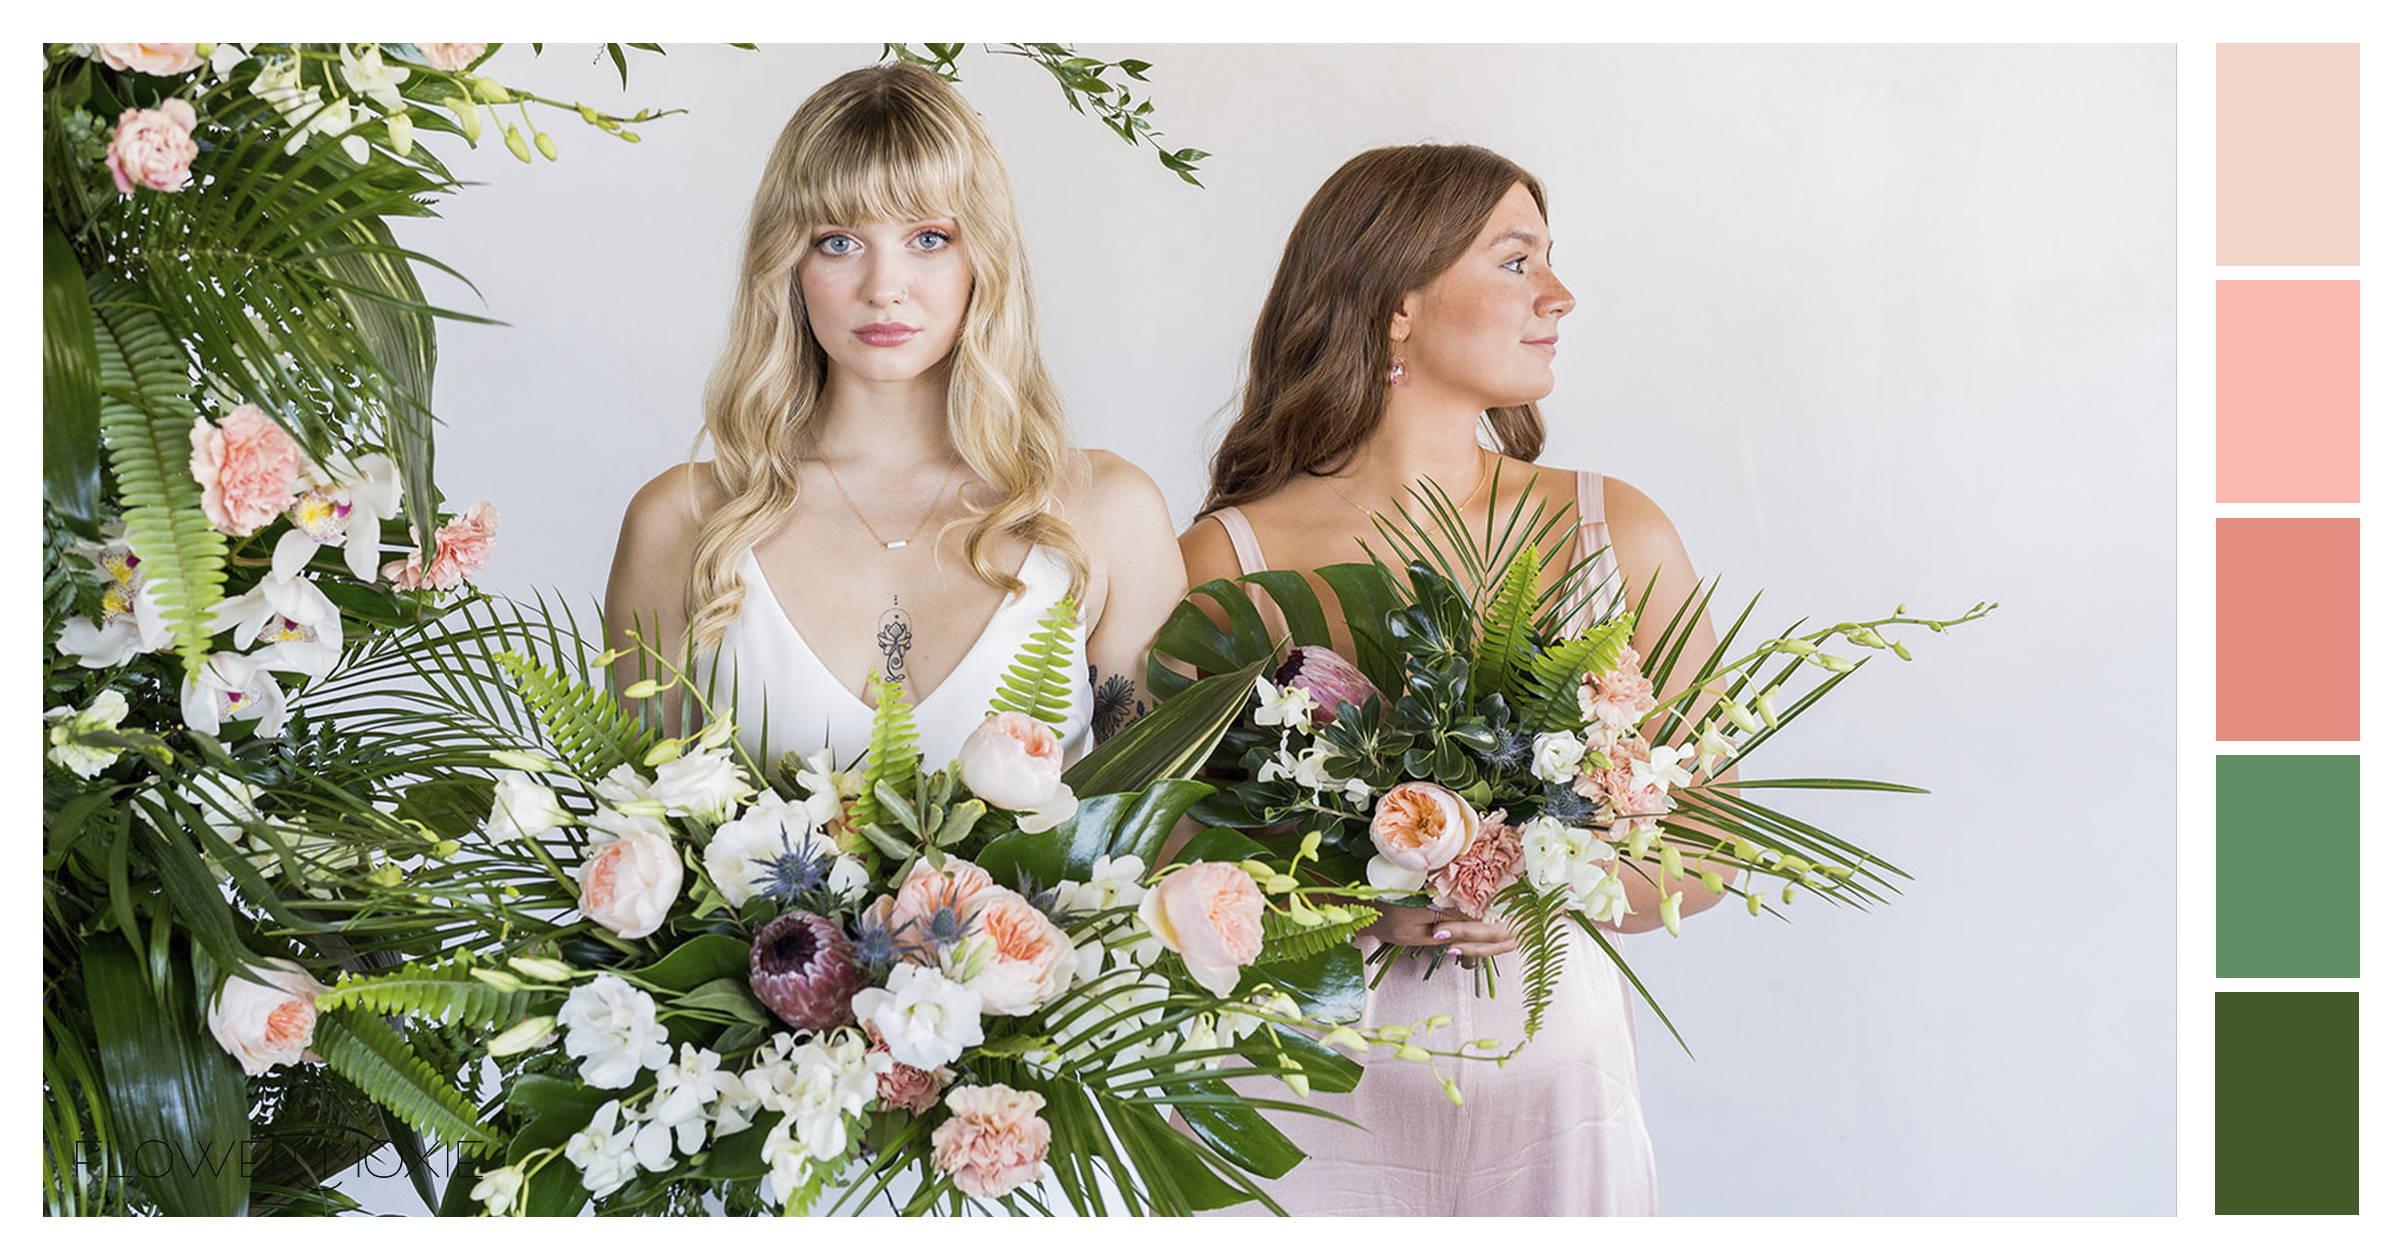 diy wholesale wedding flowers online